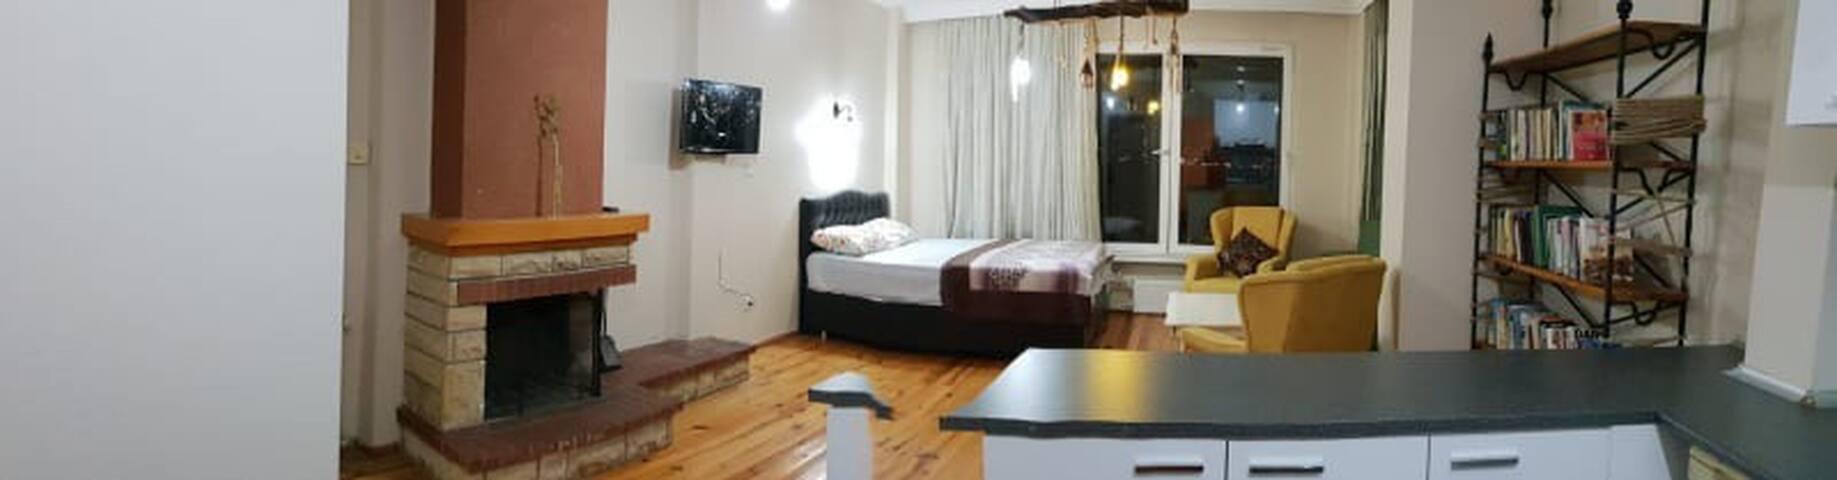 cihanıgır best bosphorose veıw apartment